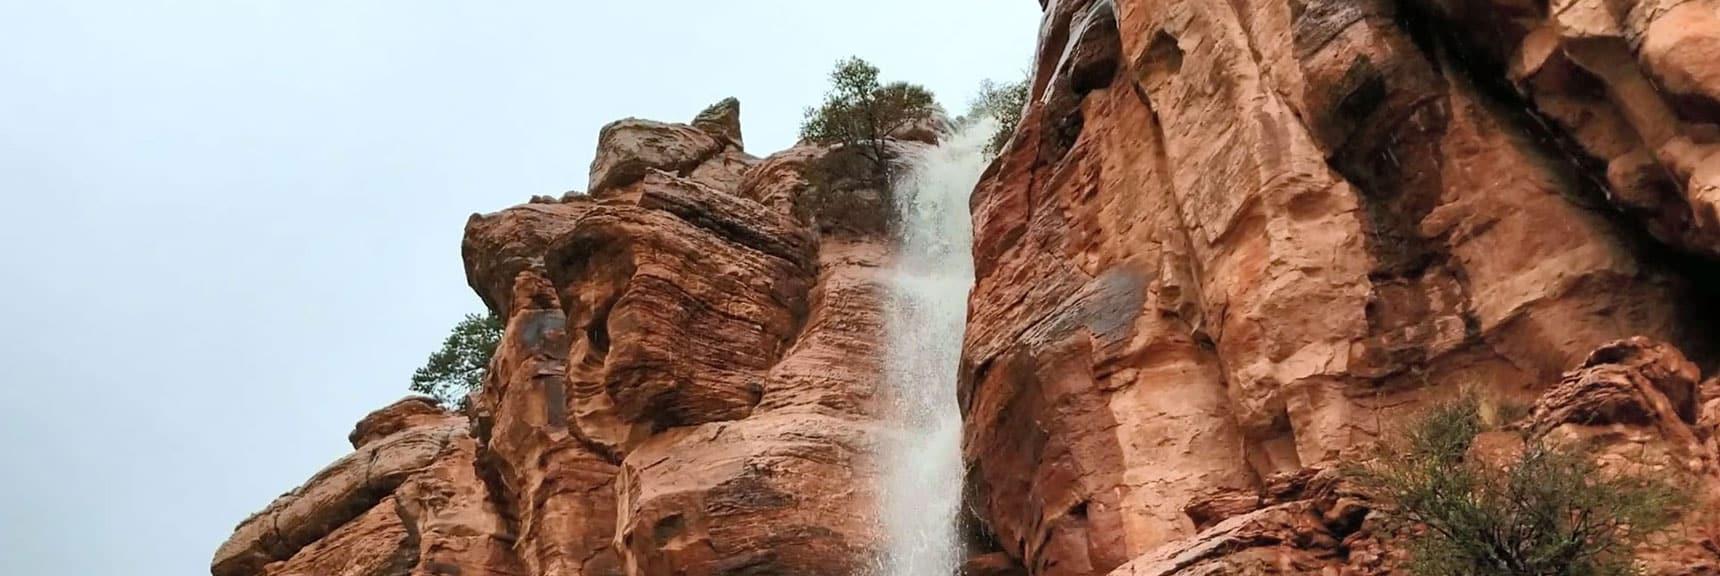 Waterfall on Middle Oak Creek Trail Near Red Rock Park, Nevada